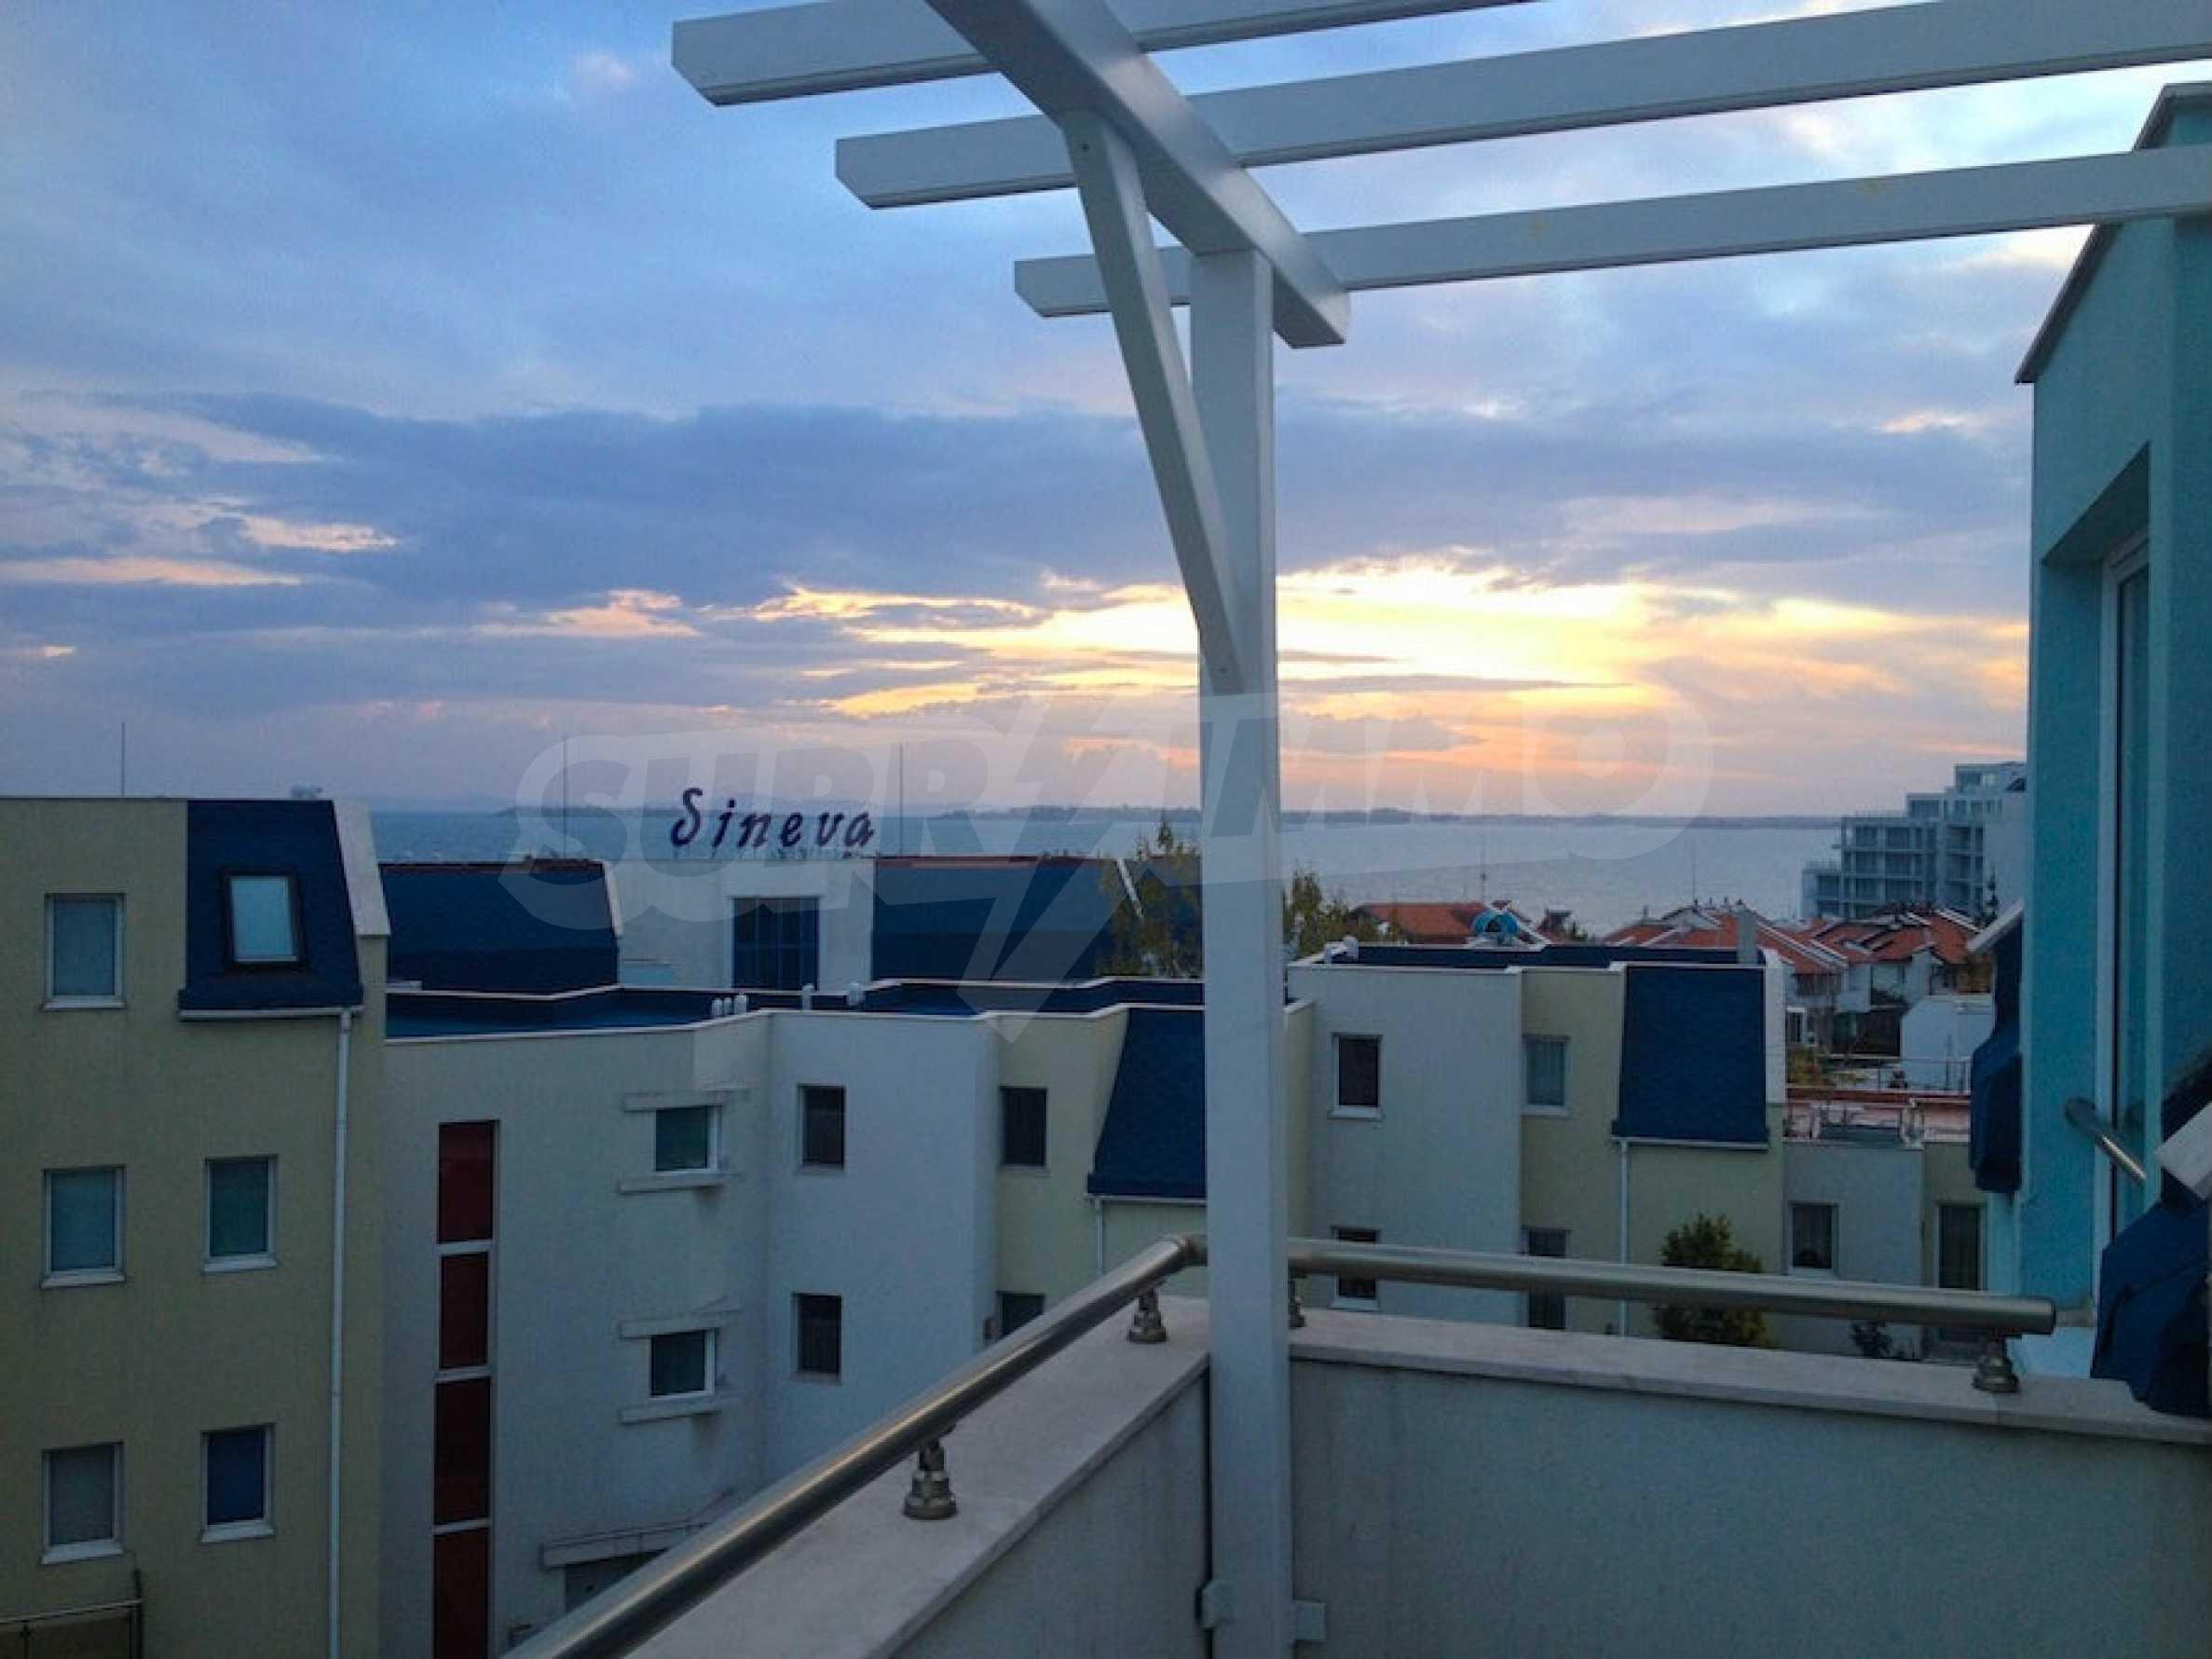 Zwei-Zimmer-Wohnung in einem Komplex 50 Meter vom Meer entfernt 13